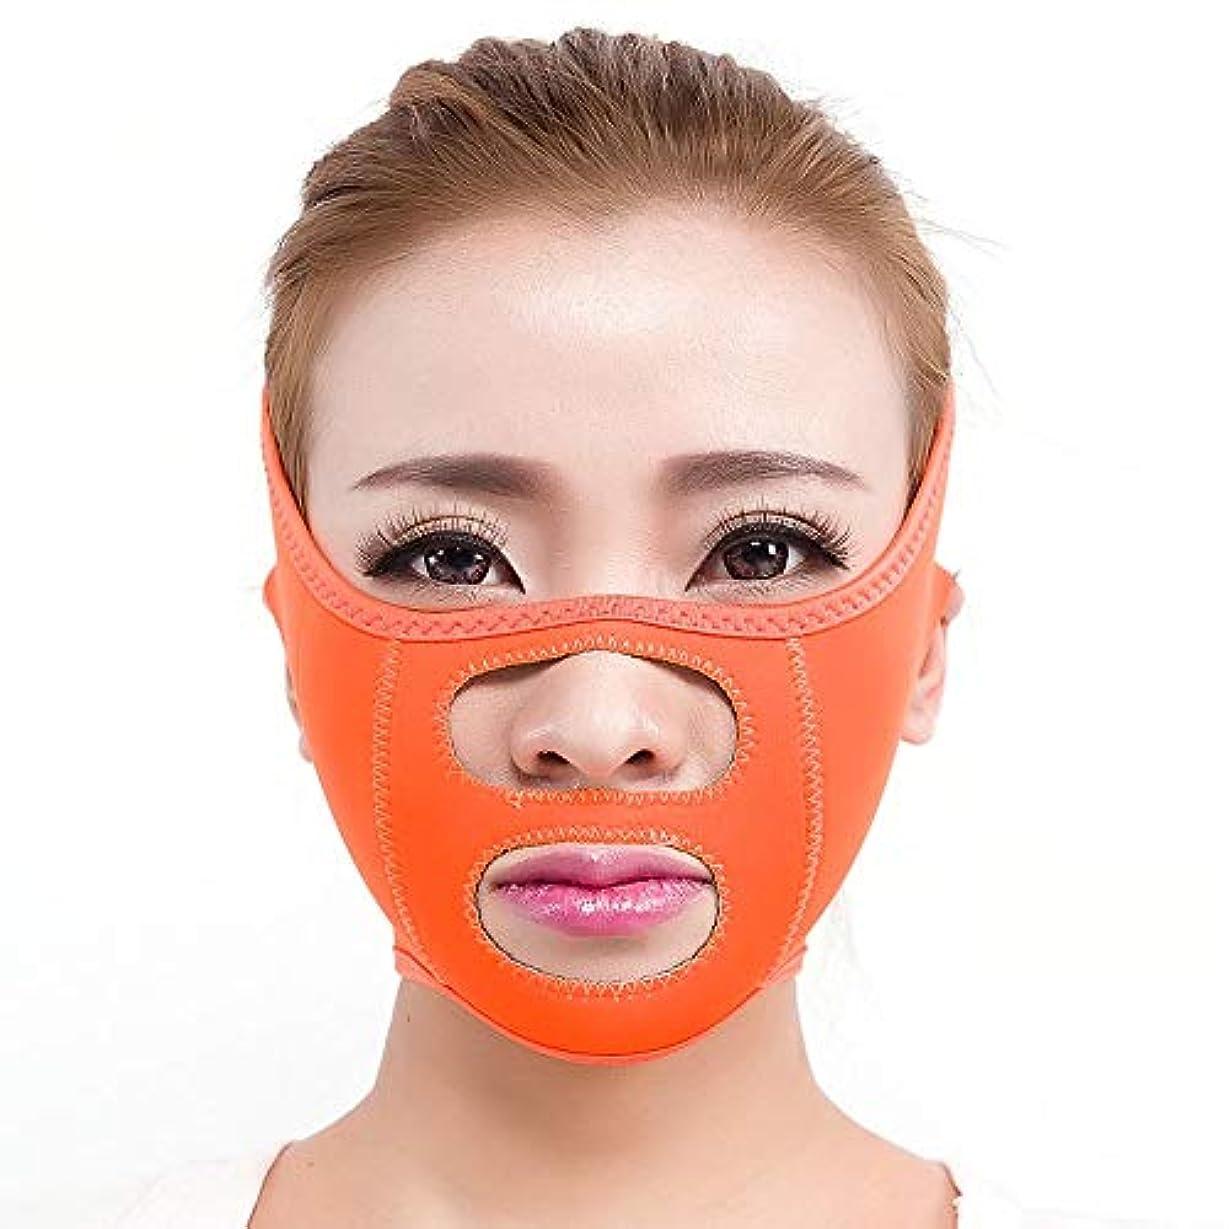 ハイライトタワー申し立てるGYZ シンフェイスマスクシンフェイス包帯シンフェイスアーティファクトシンフェイスフェイシャルリフティングシンフェイススモールVフェイススリープシンフェイスベルト Thin Face Belt (Color : A)